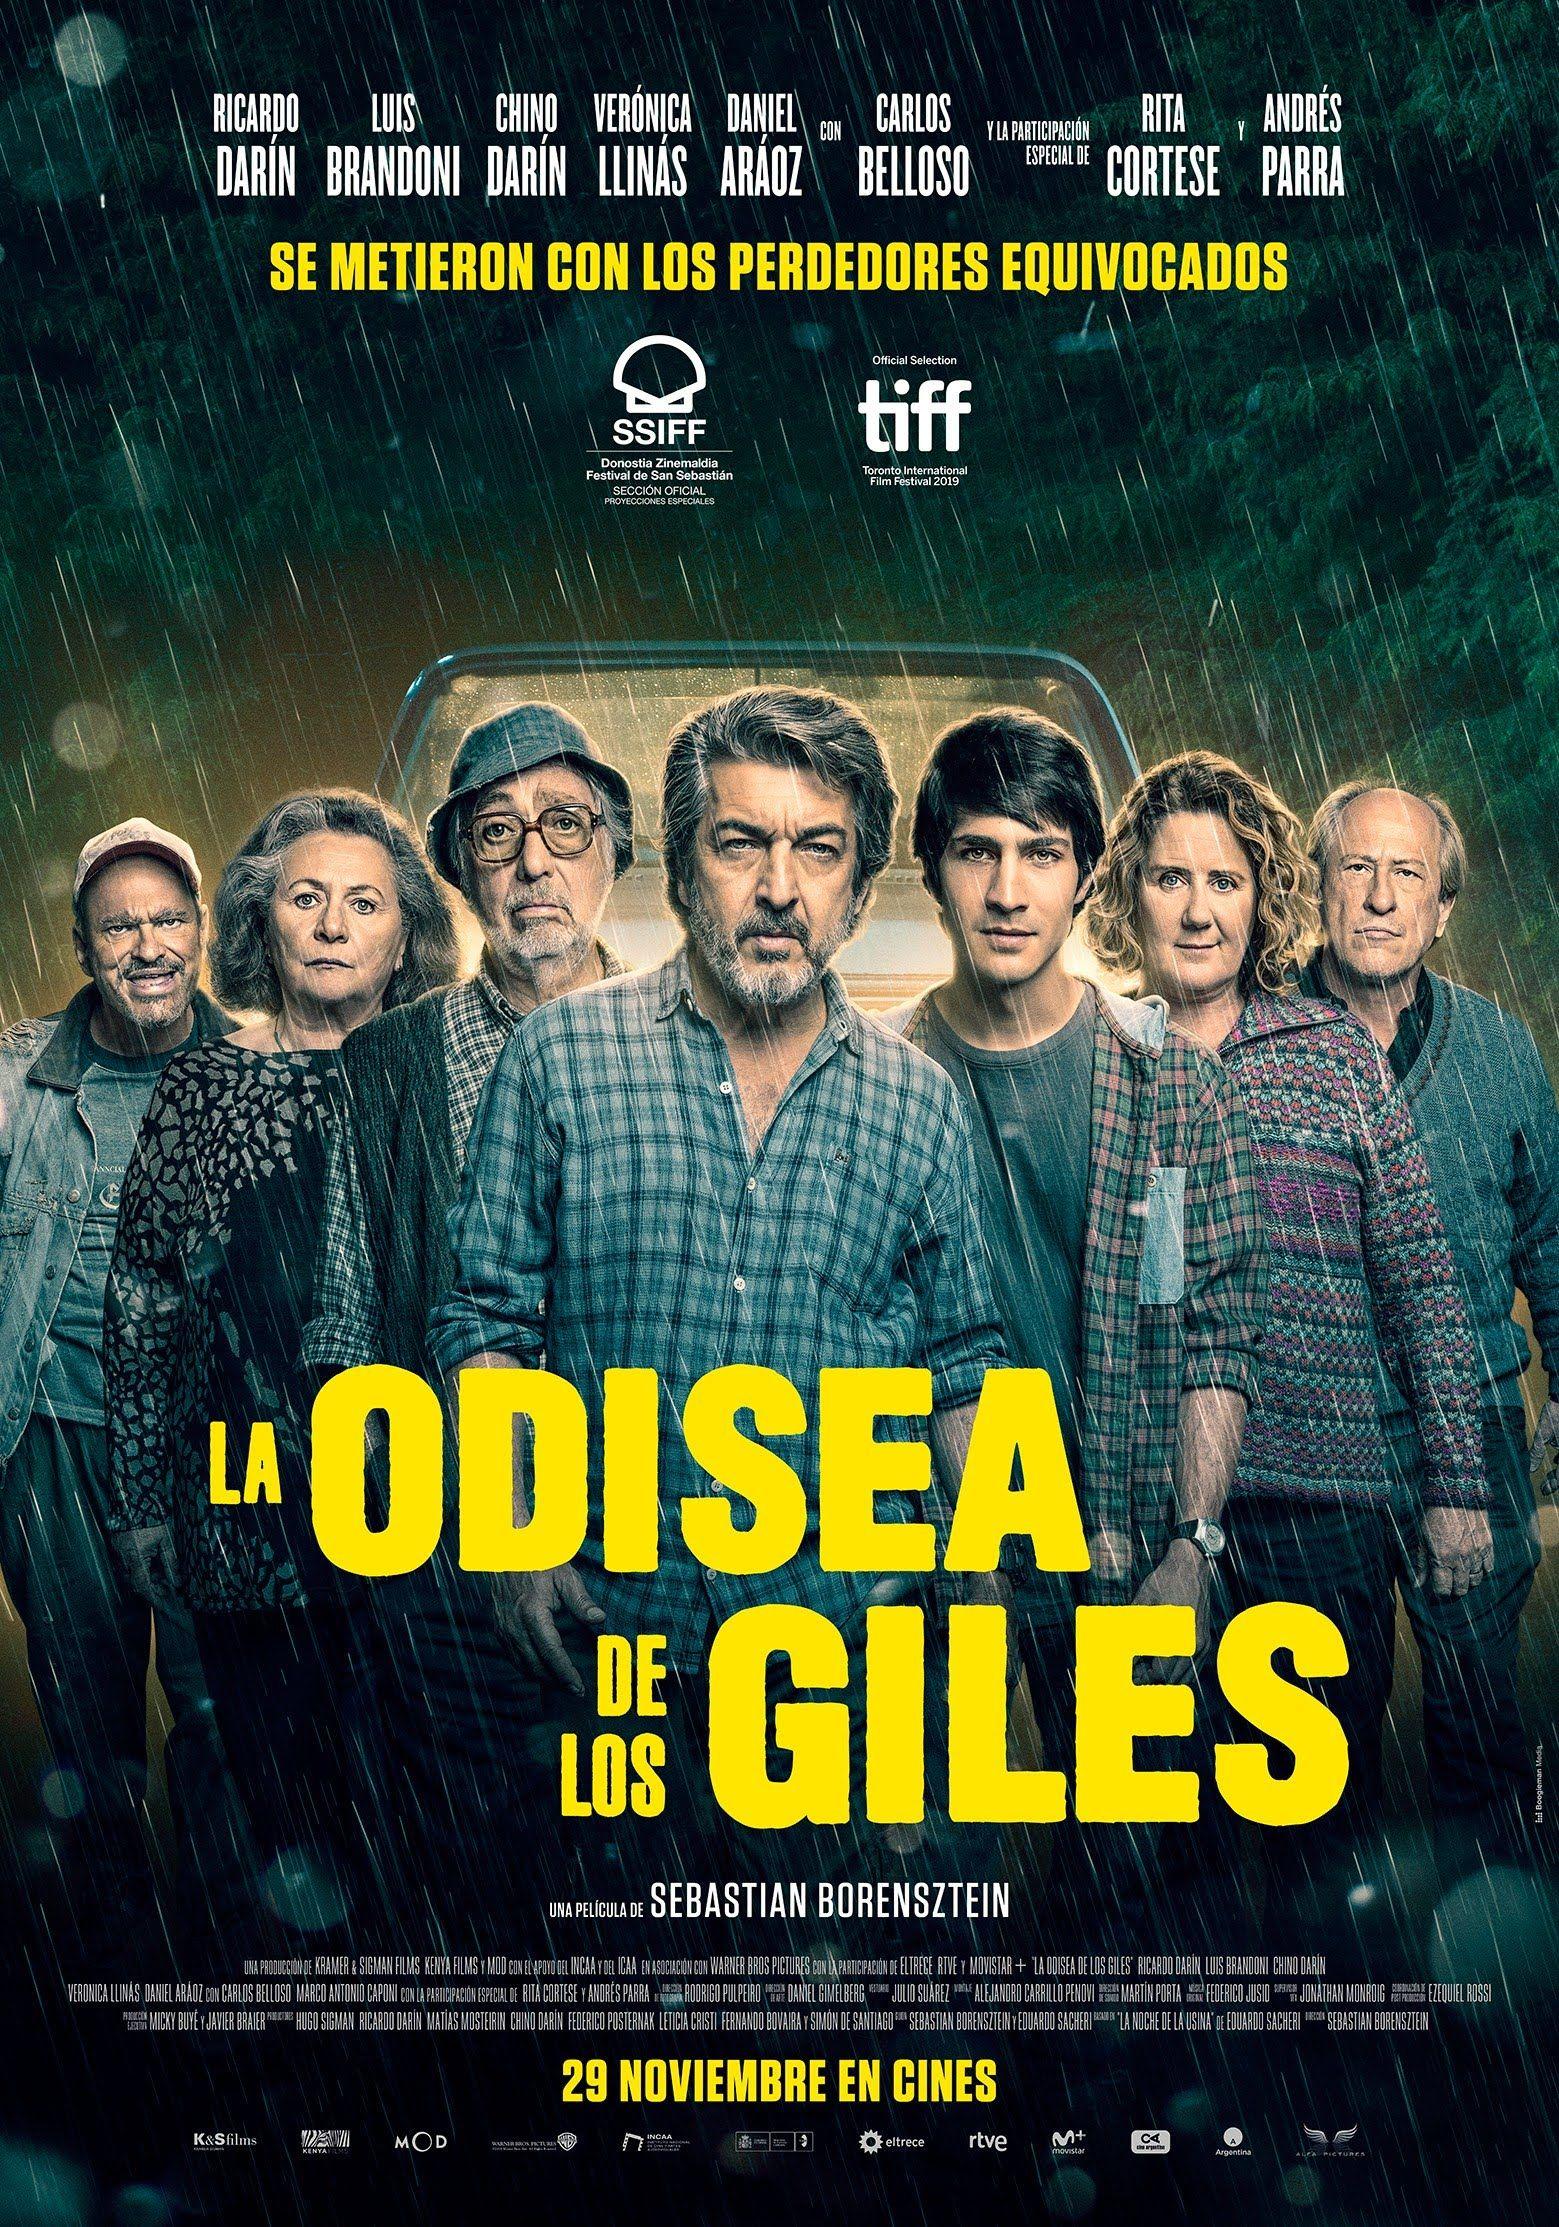 120 Ideas De Cine Argentino Cine Peliculas Películas Que Ver